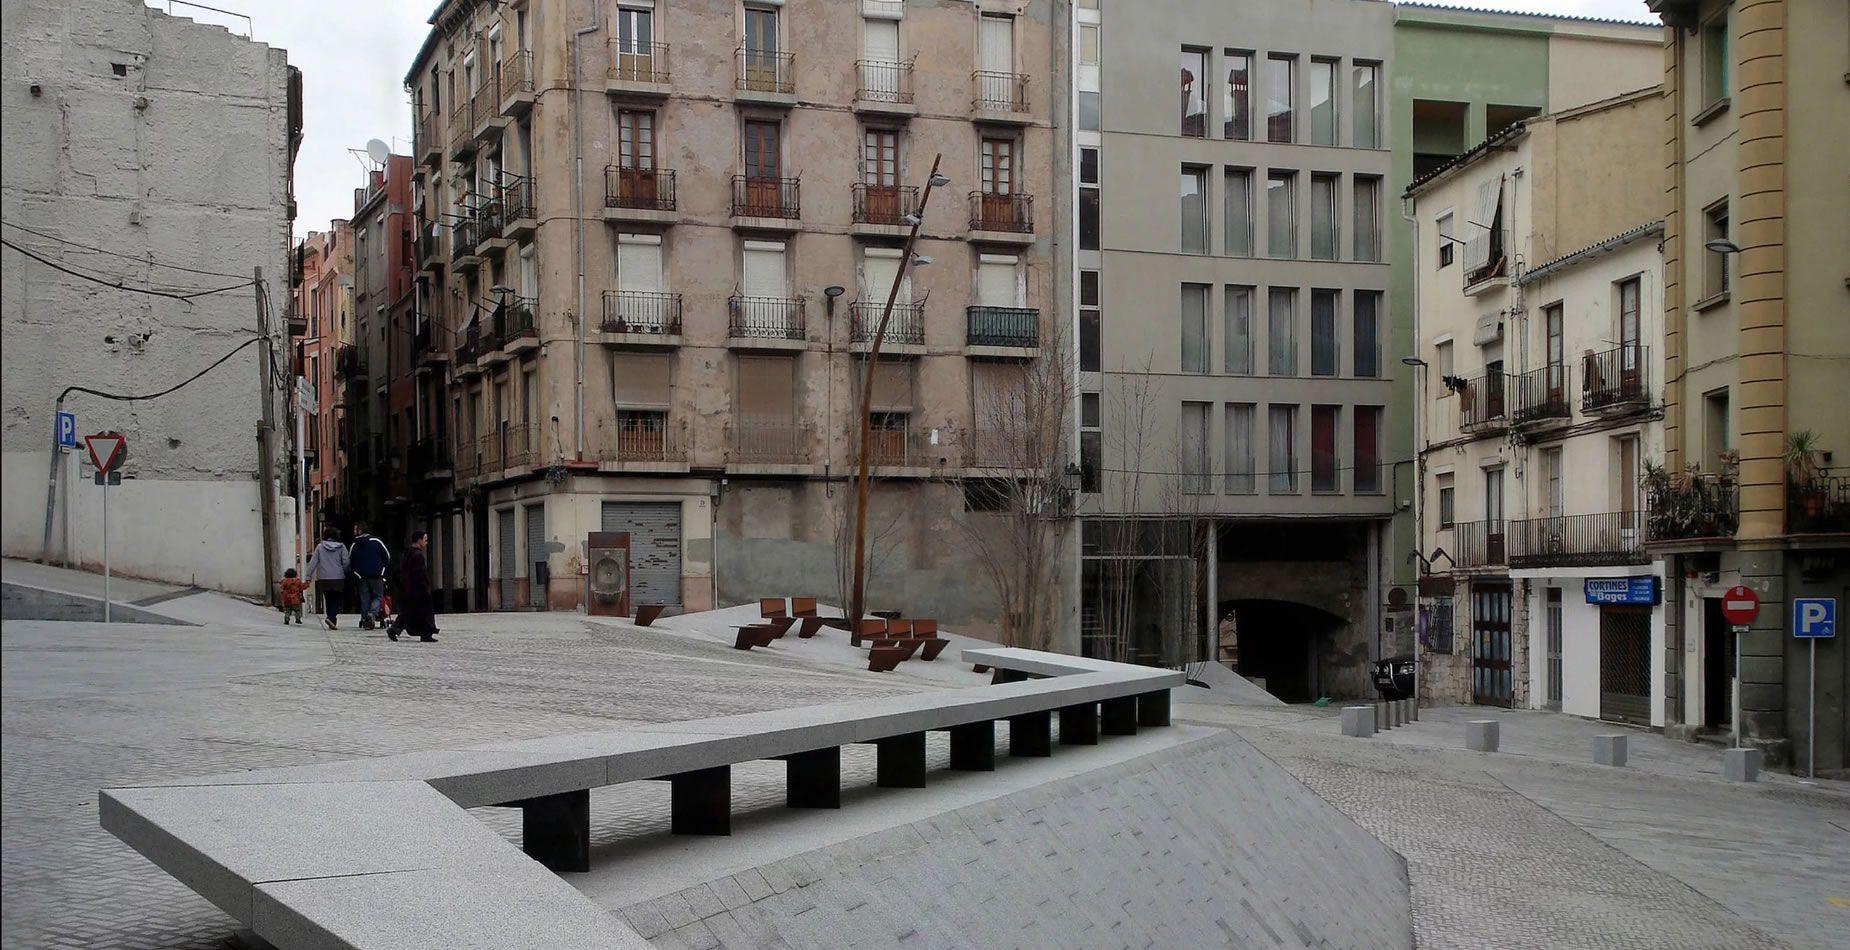 krzesła miejskie